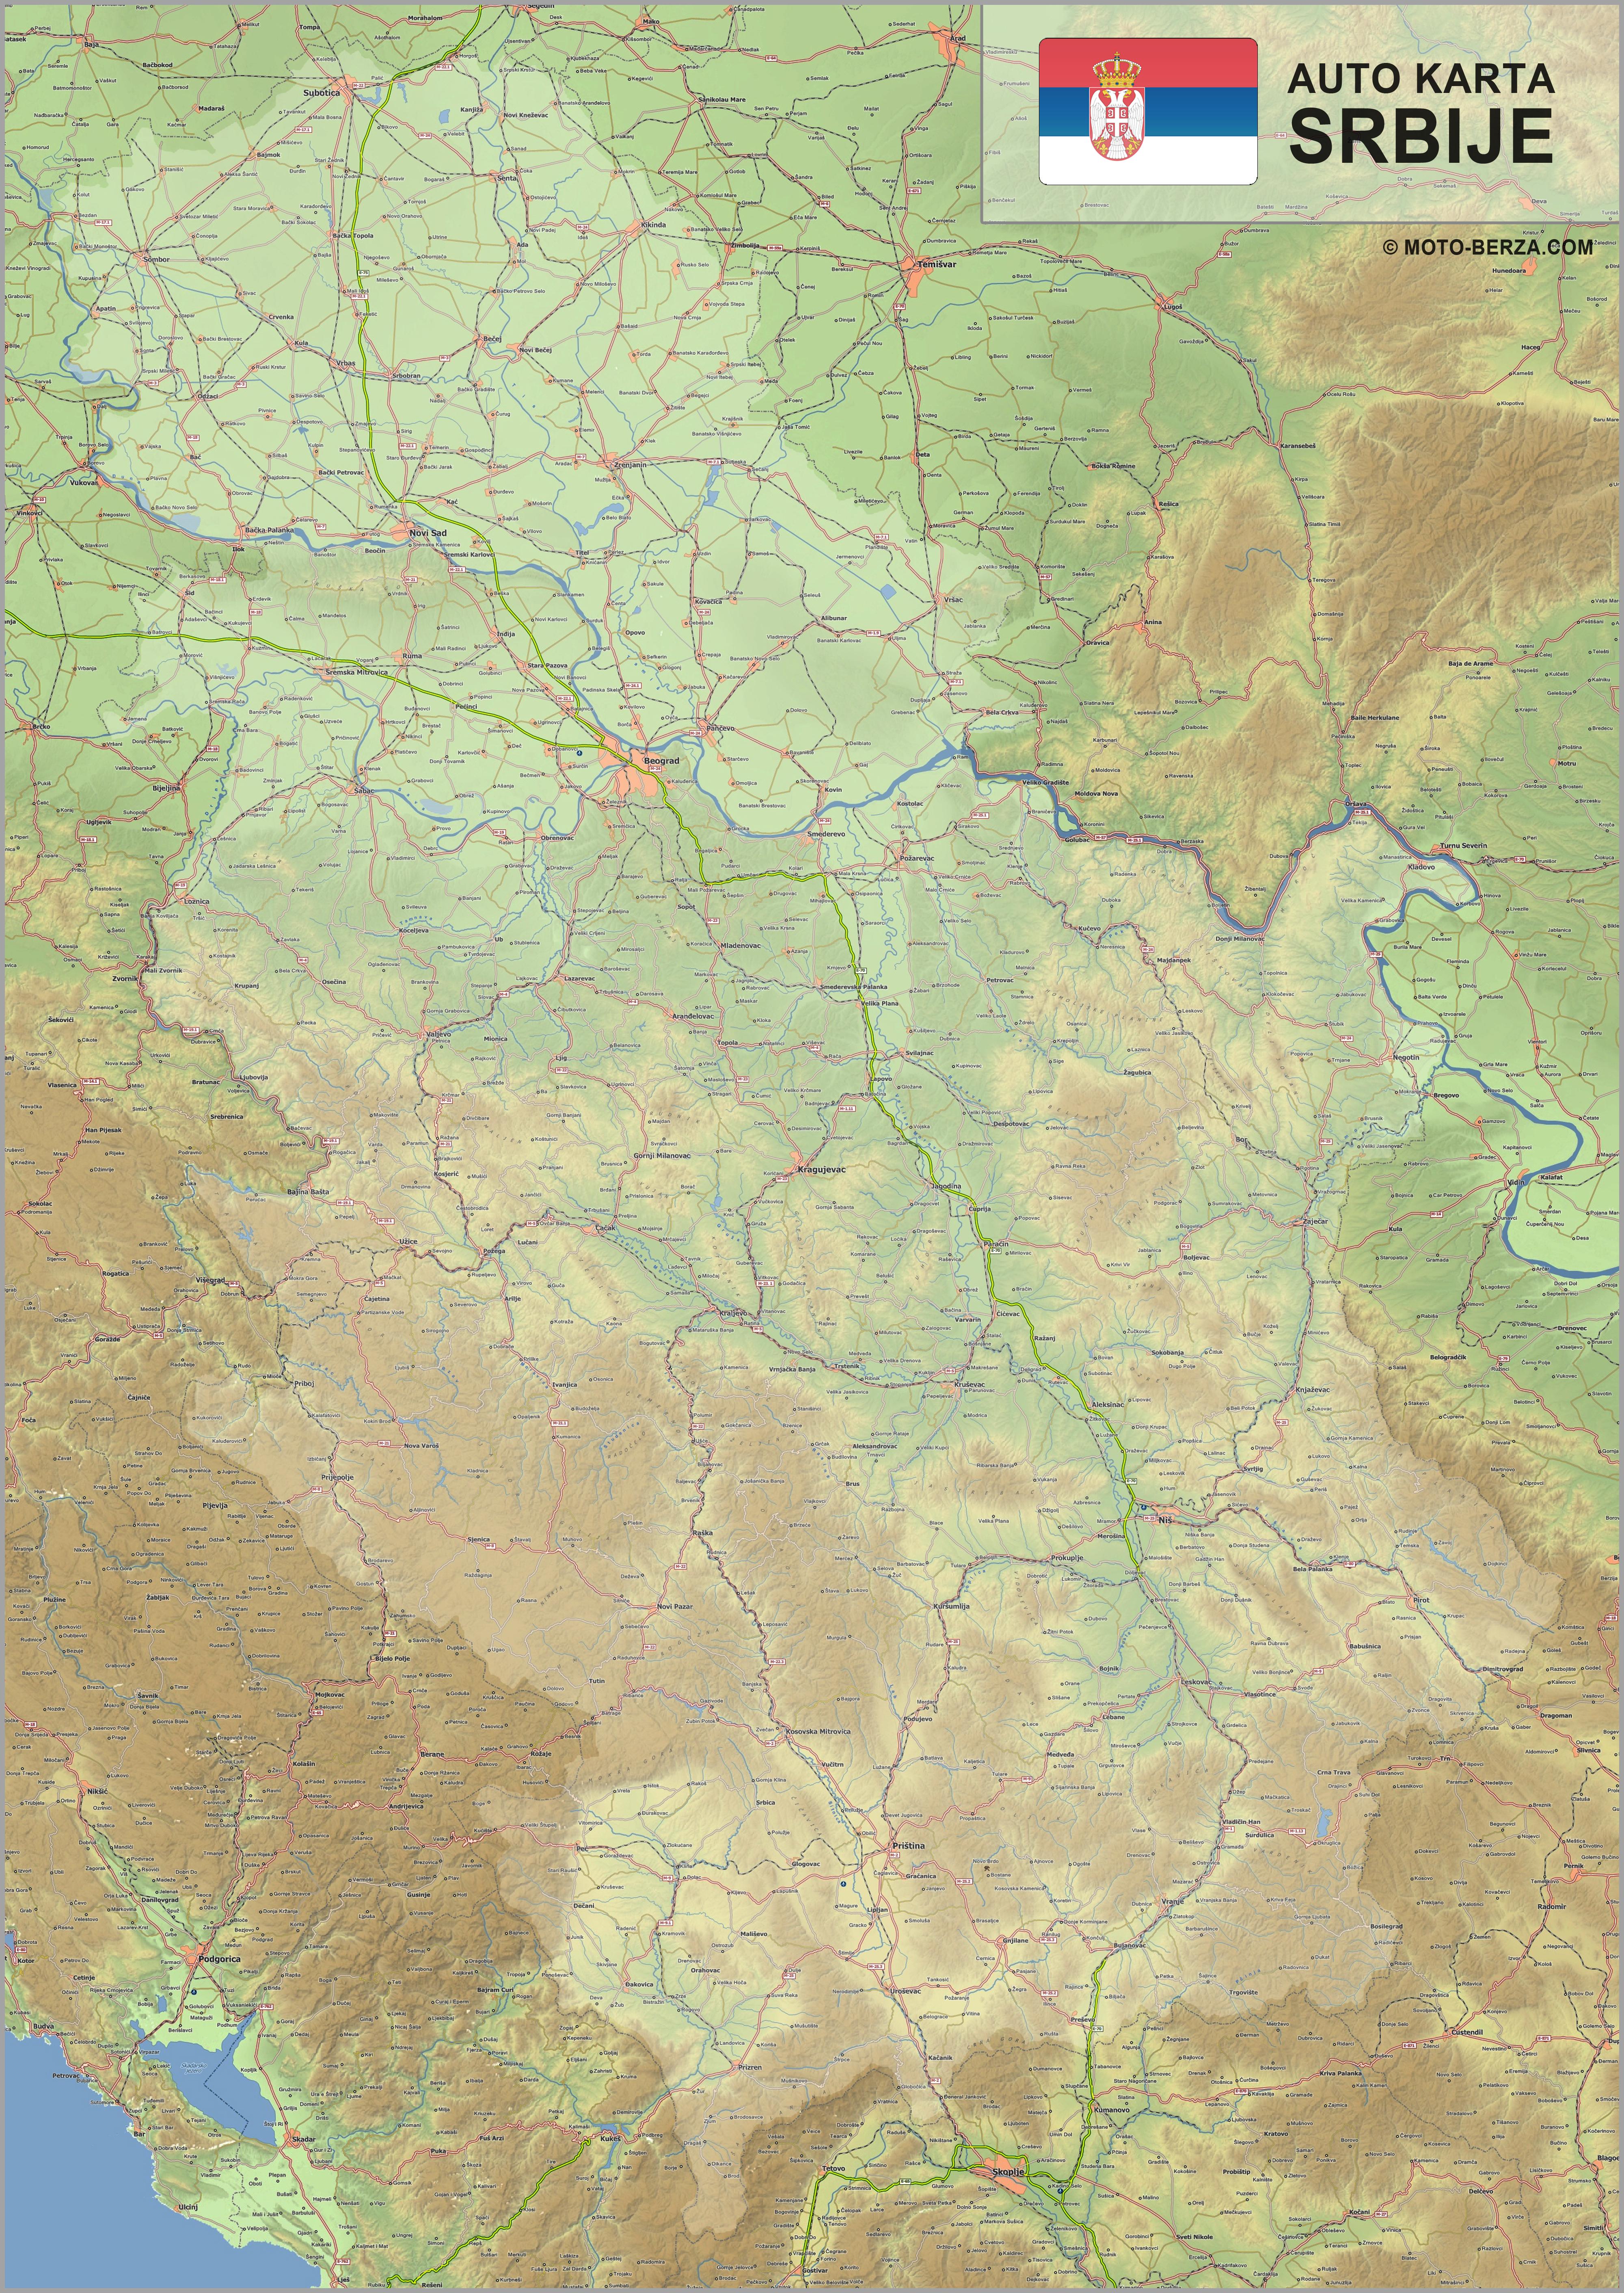 mapa subotice sa okolinom Mapa srbije   Auto karta Srbije   Geografska karta sa putevima mapa subotice sa okolinom